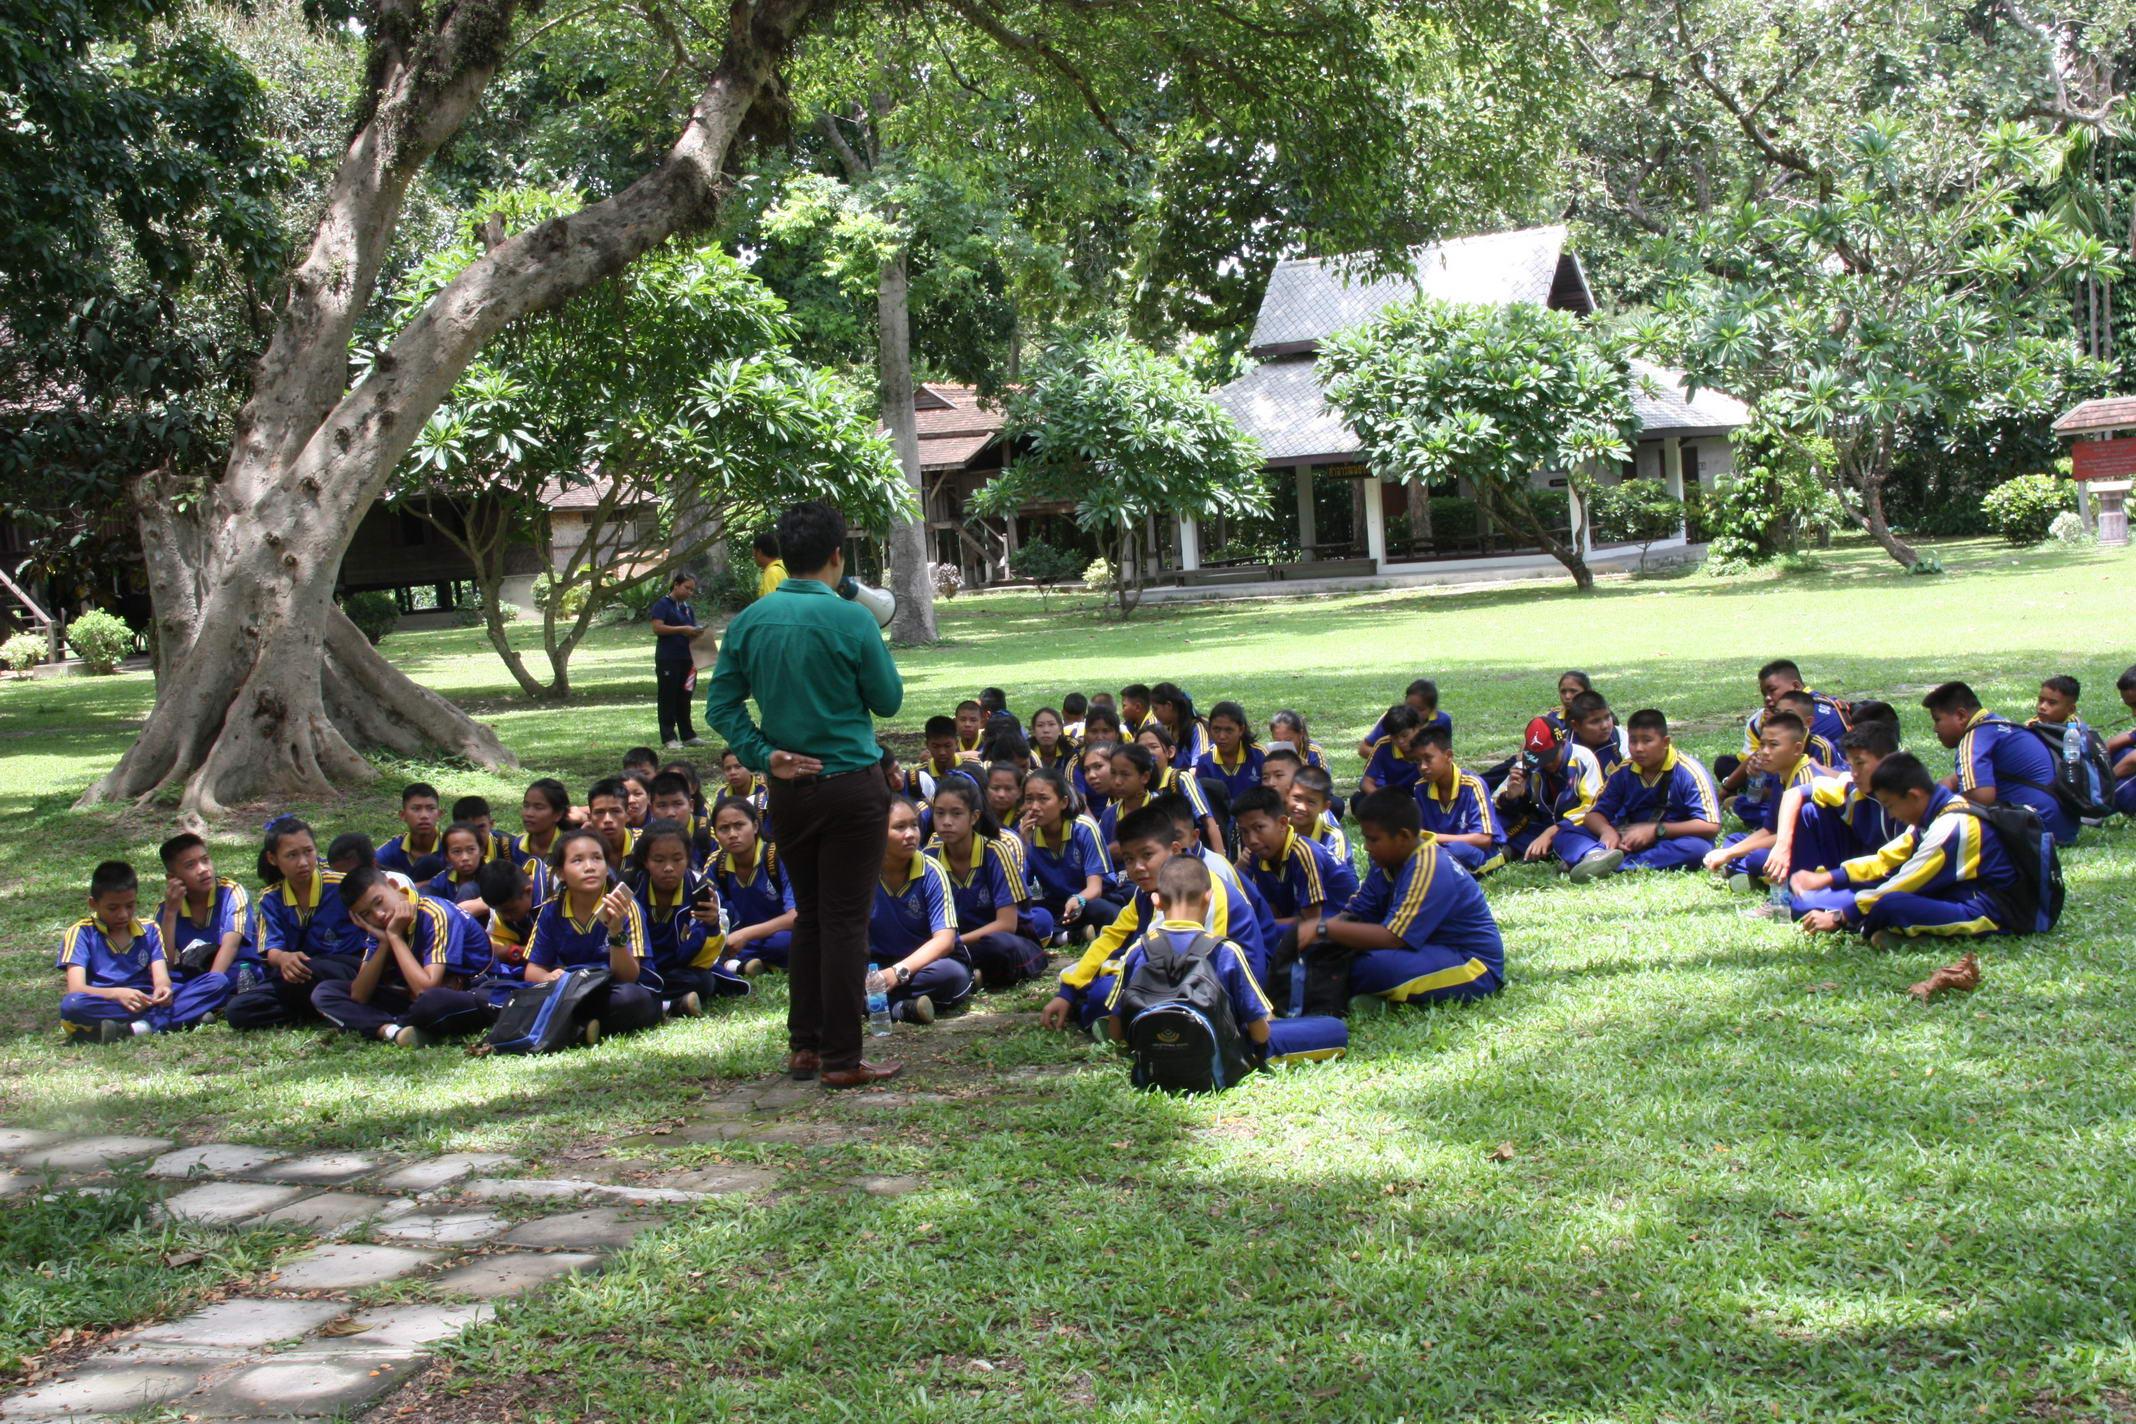 ให้การต้อนรับคณาจารย์และนักเรียนจากโรงเรียนบ้านสันต้นหมื้อ